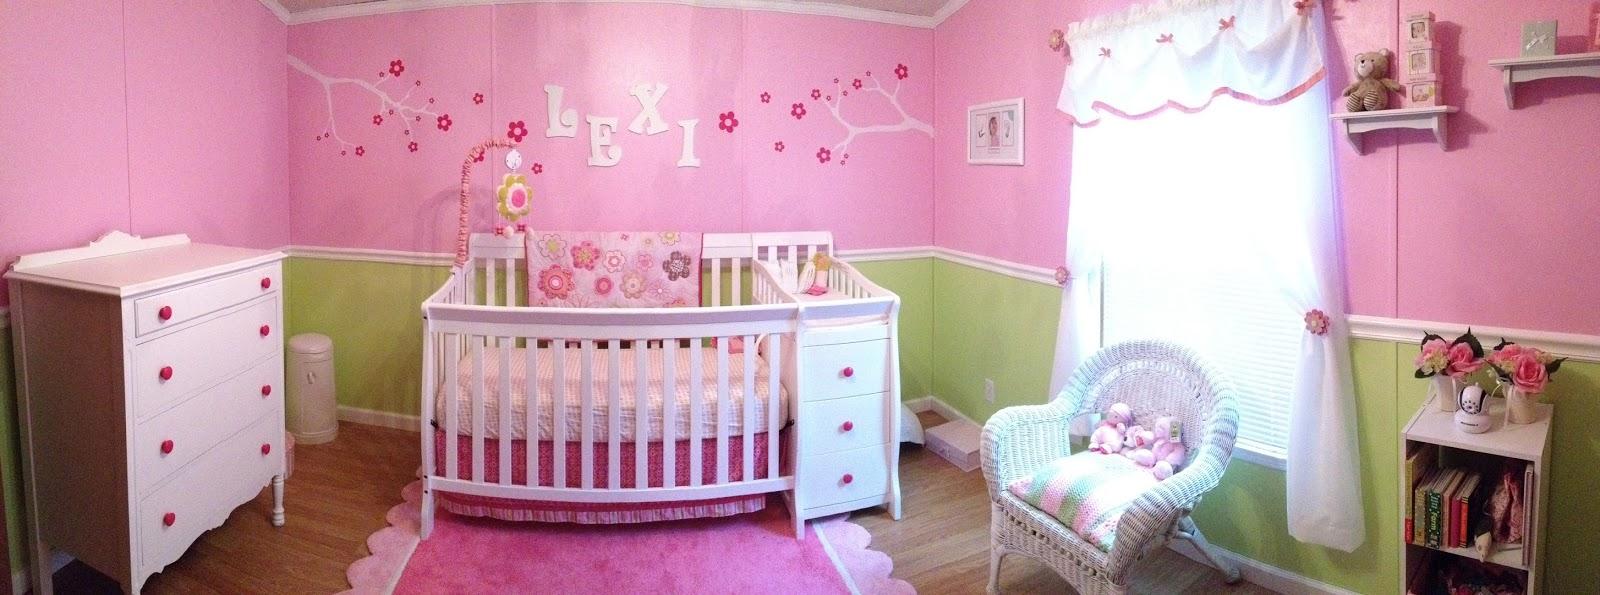 peinture chambre b b fille rose id es de tricot gratuit. Black Bedroom Furniture Sets. Home Design Ideas